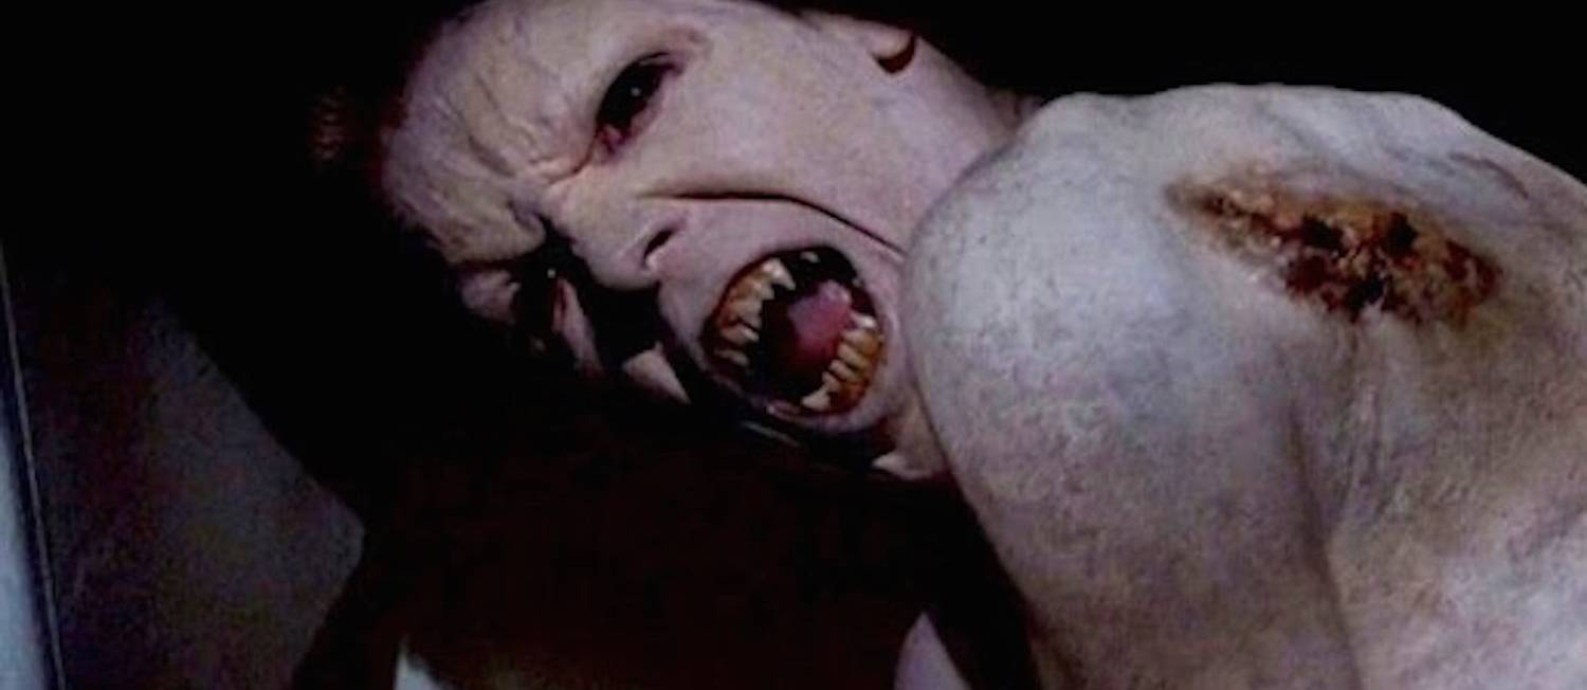 Cena do filme 'Amityville: o despertar' Foto: Divulgação